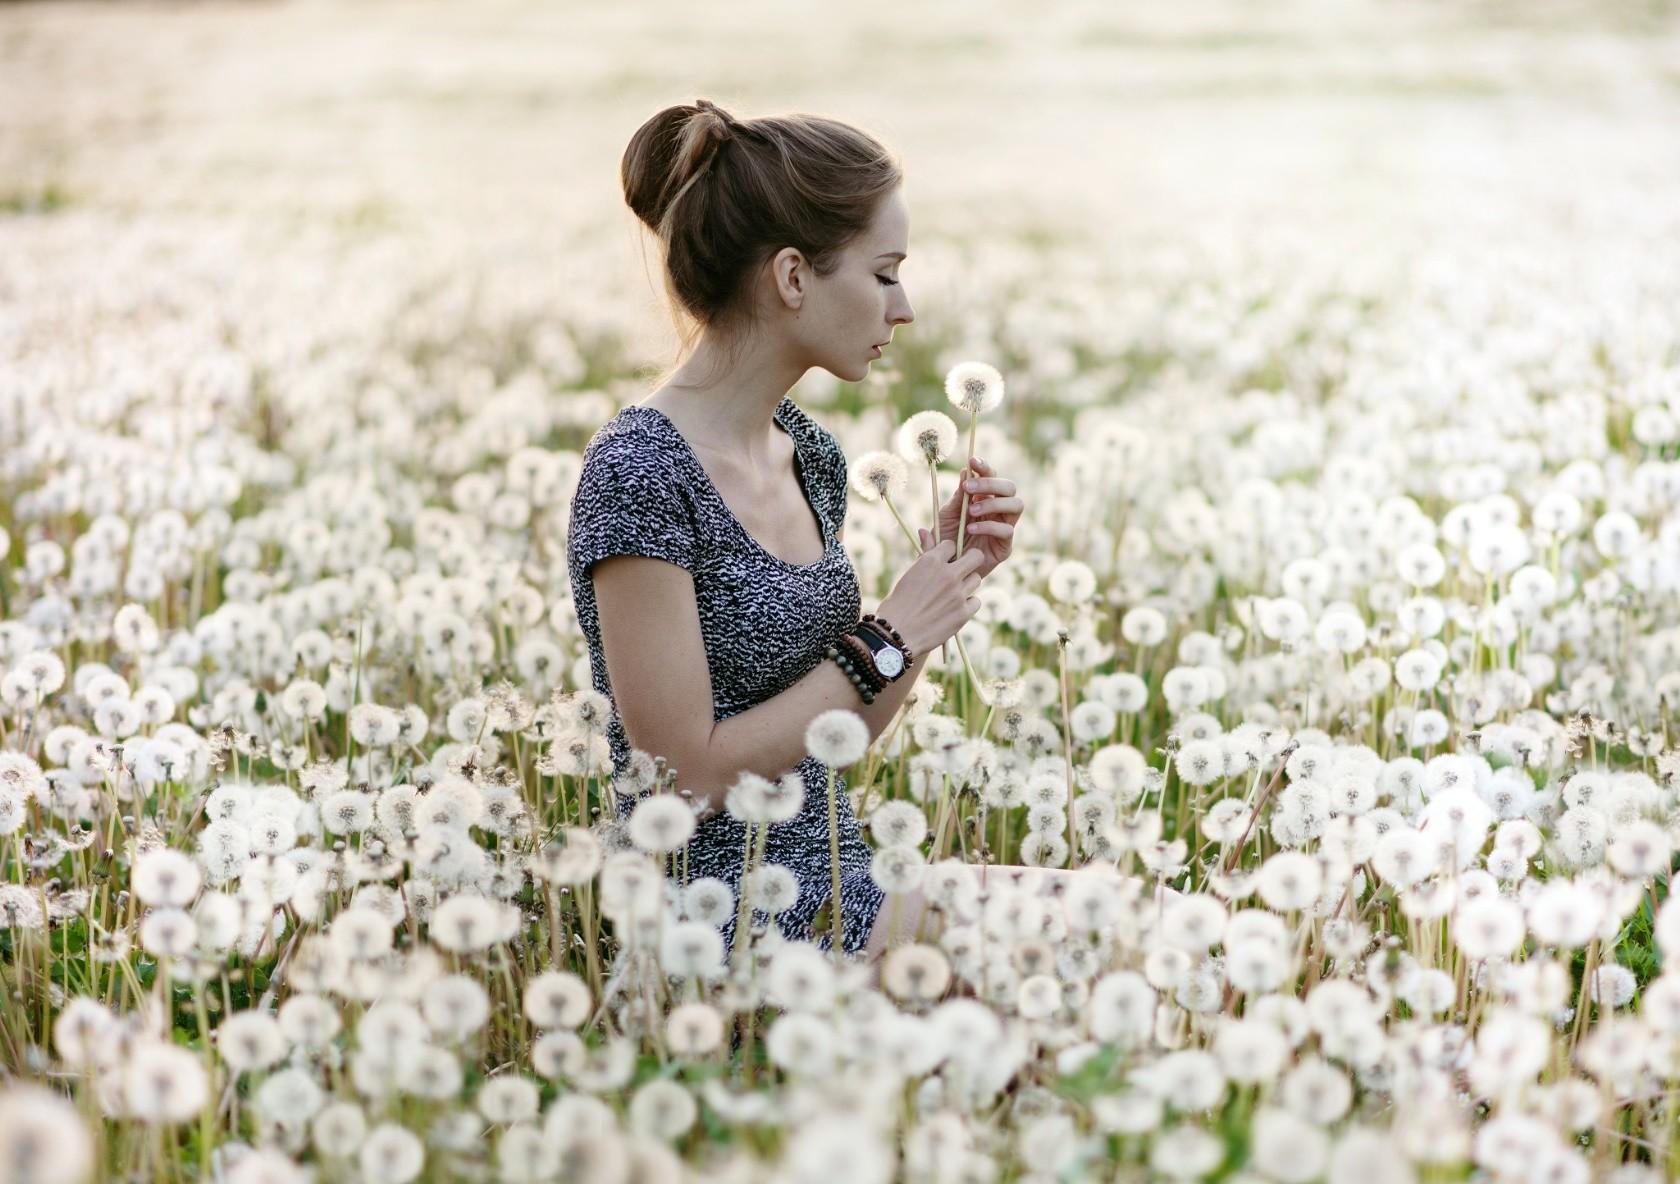 Картинки людей с цветами